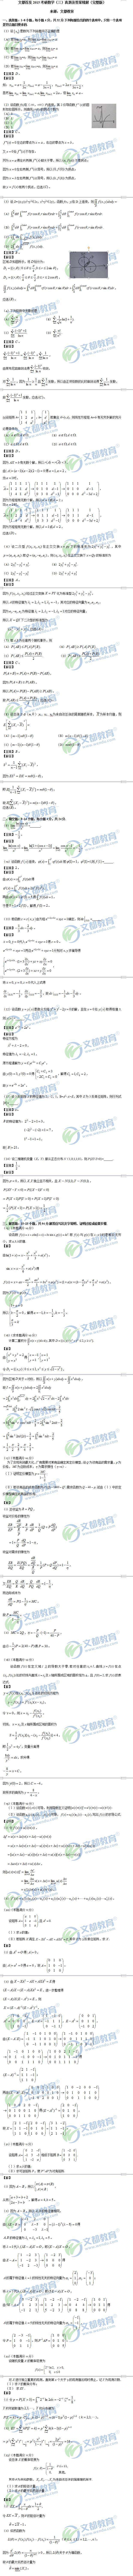 历年考研数学真题下载:2015年考研数学三真题答案